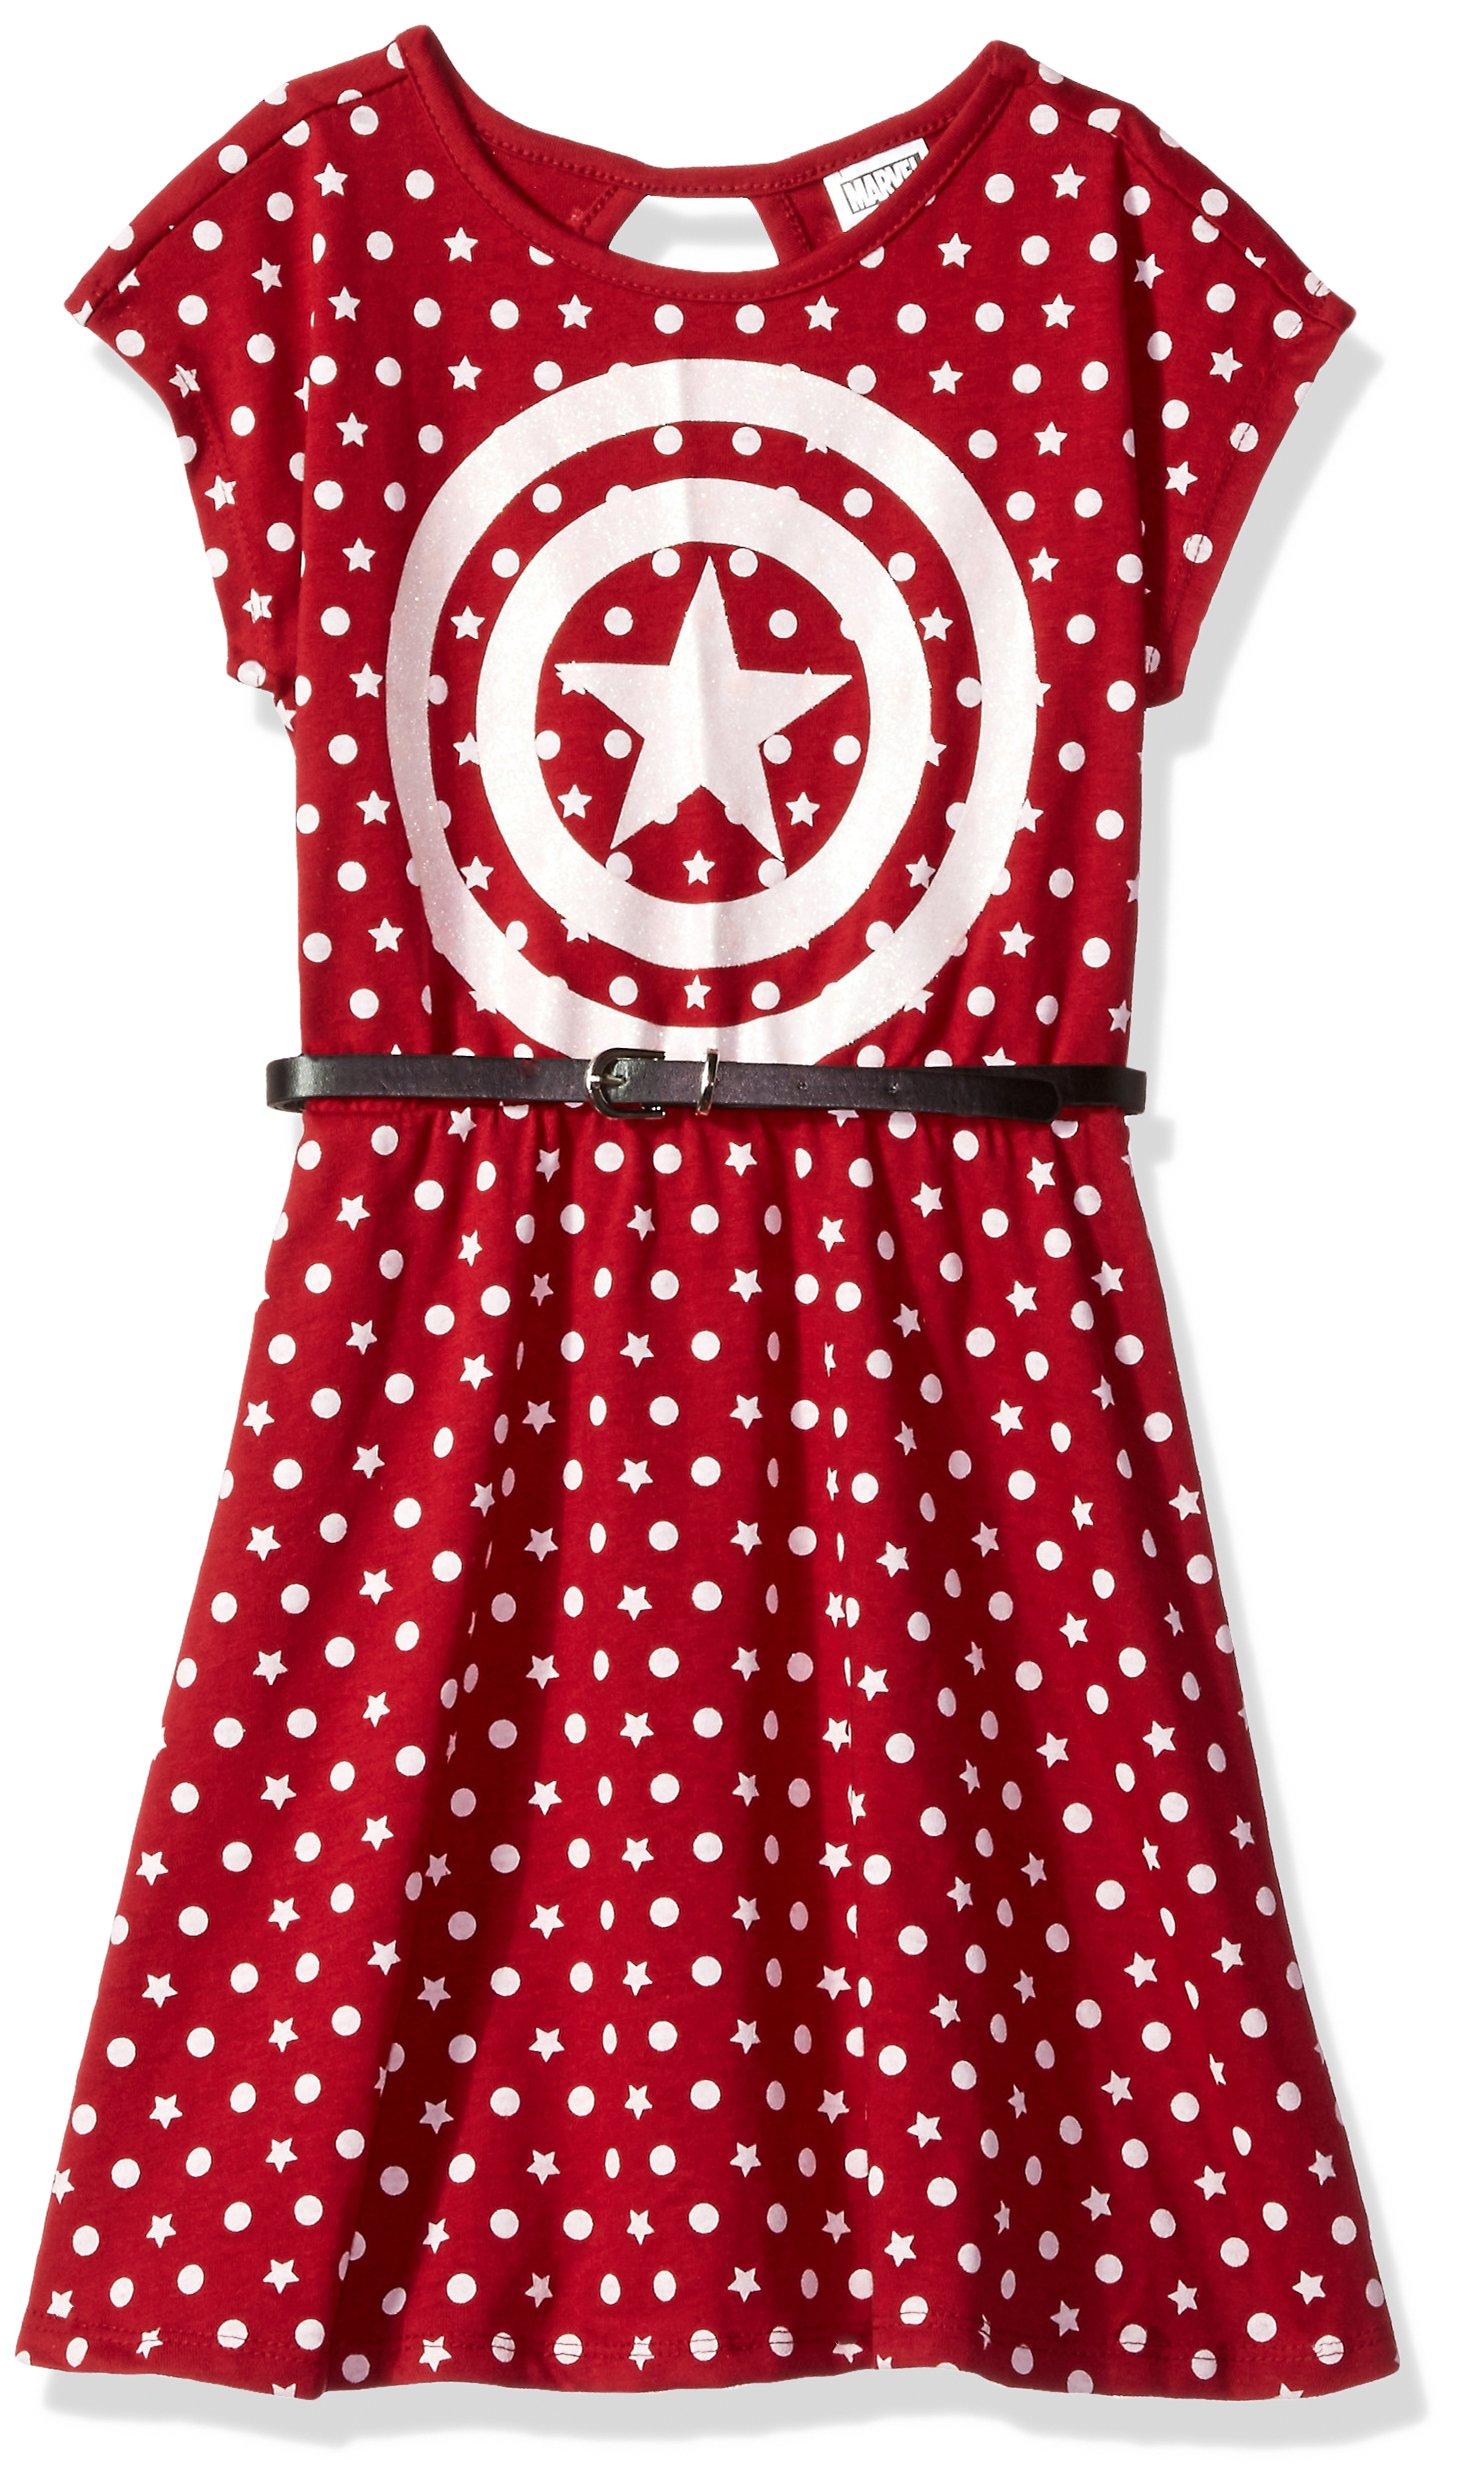 Marvel Little Girls' Captain America Dress with Belt, Burgundy, L-6x